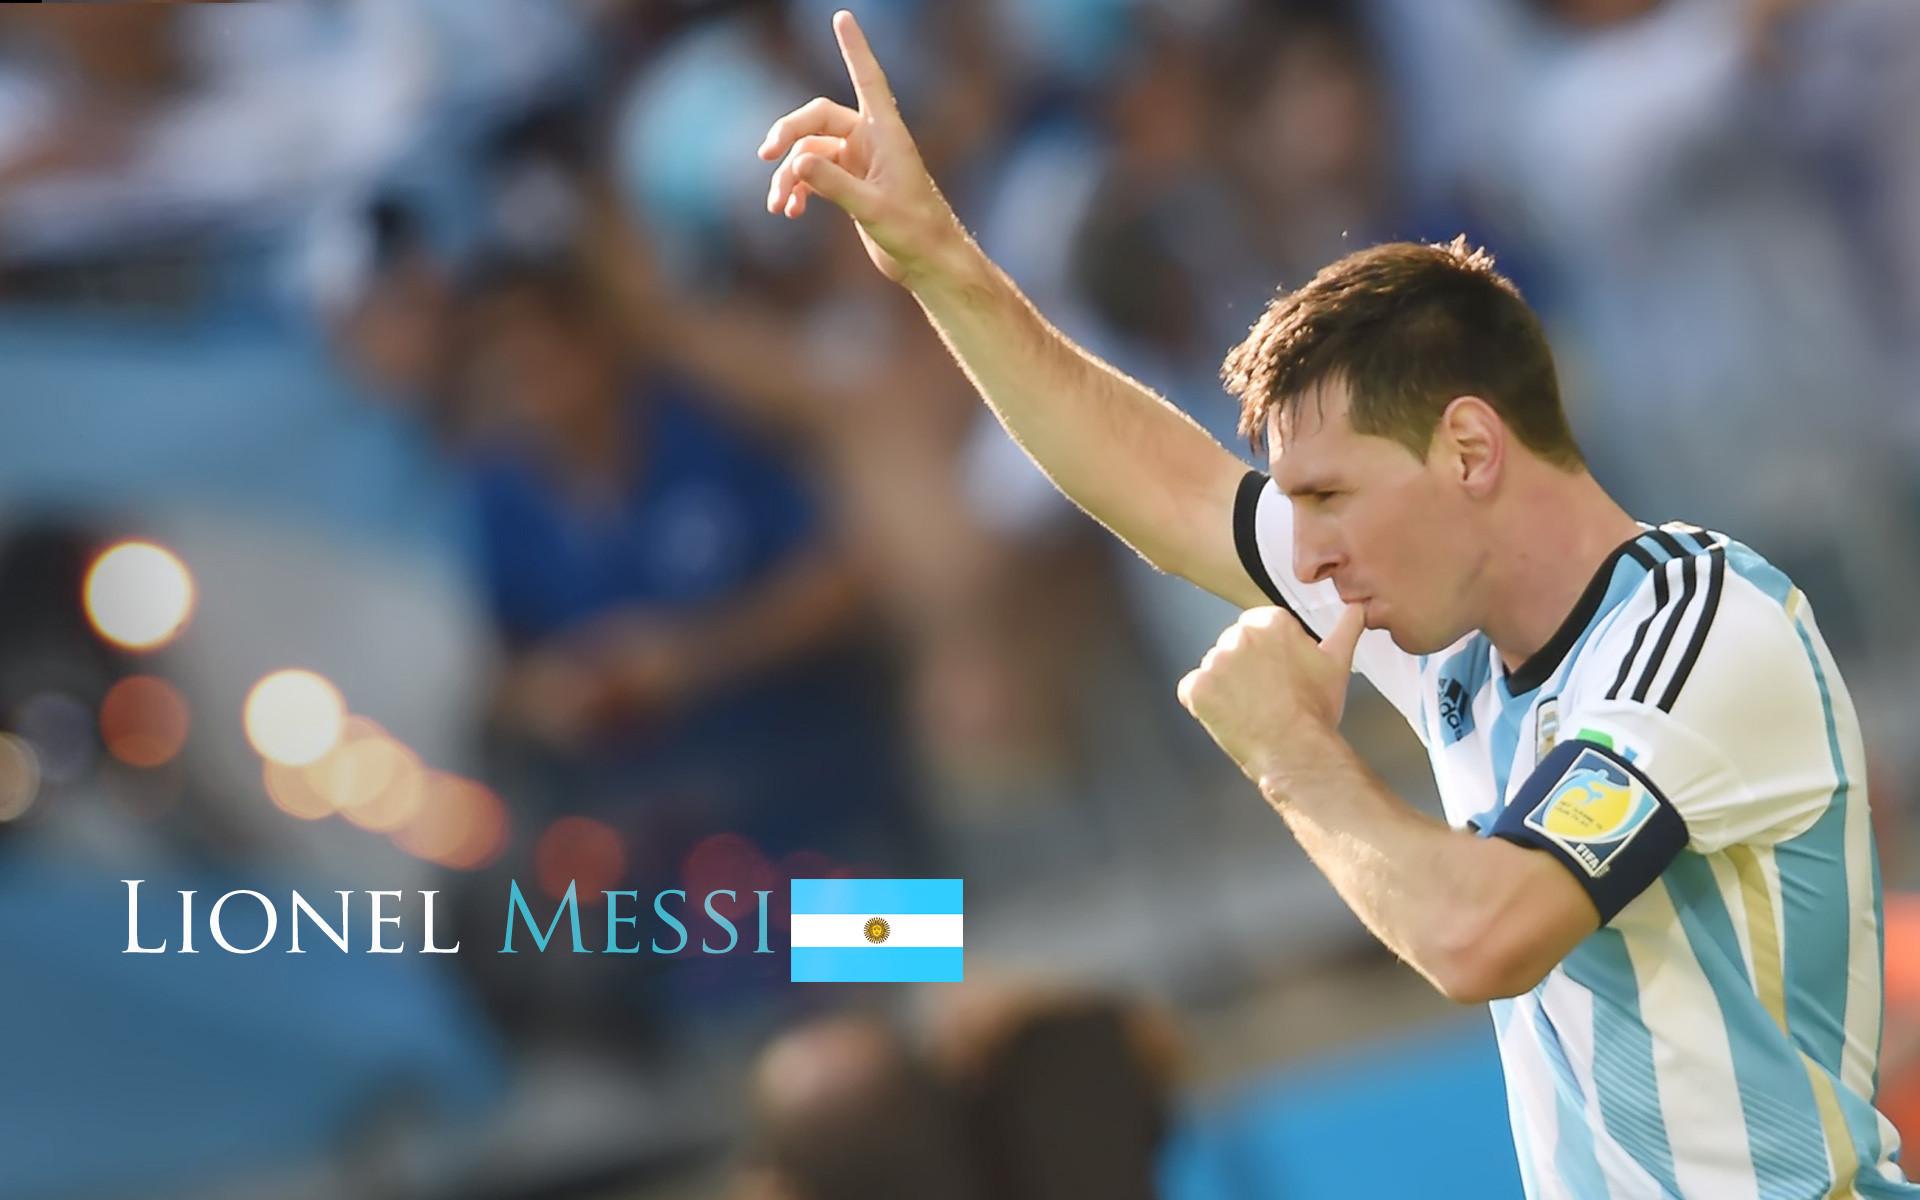 lionel messi argentina football wallpaper